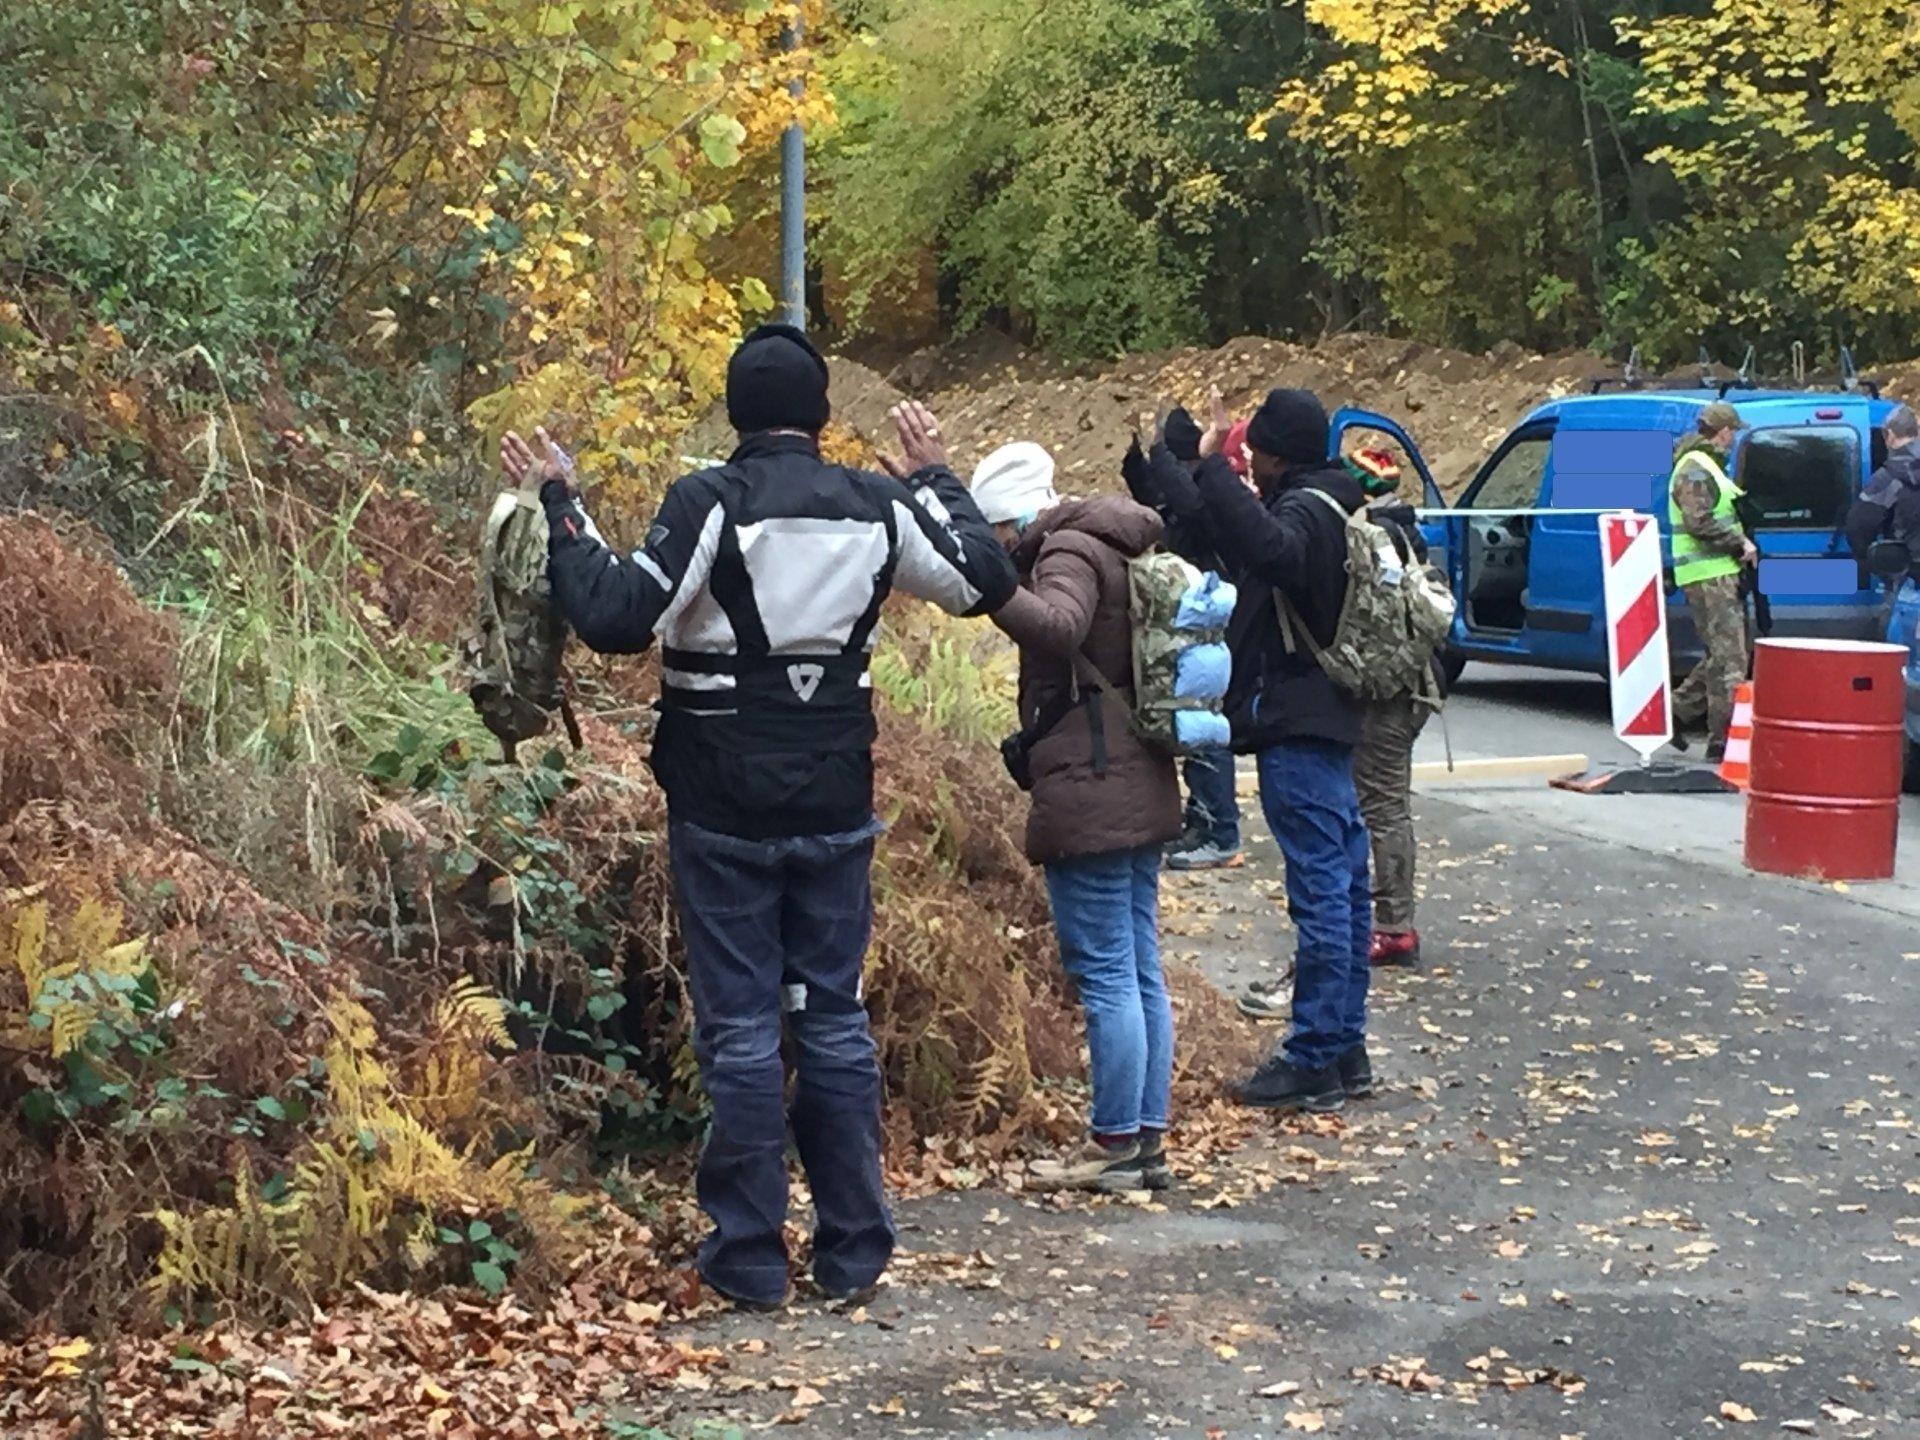 HEAT AKADEMIE TCRH MOSBACH Verhalten am Checkpoint